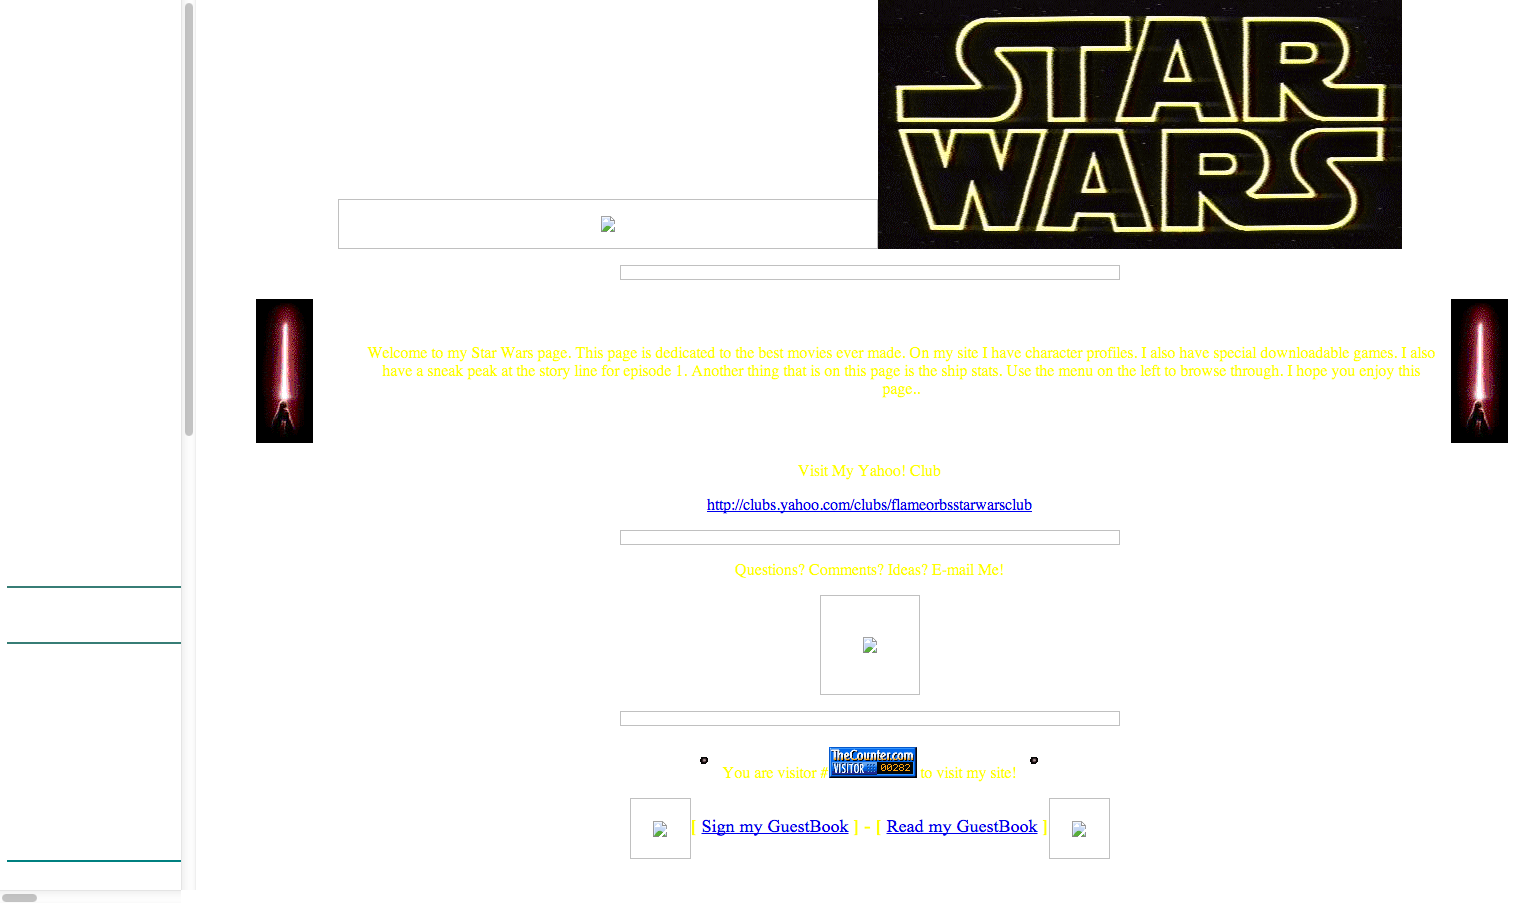 Star Wars Restoration - Before